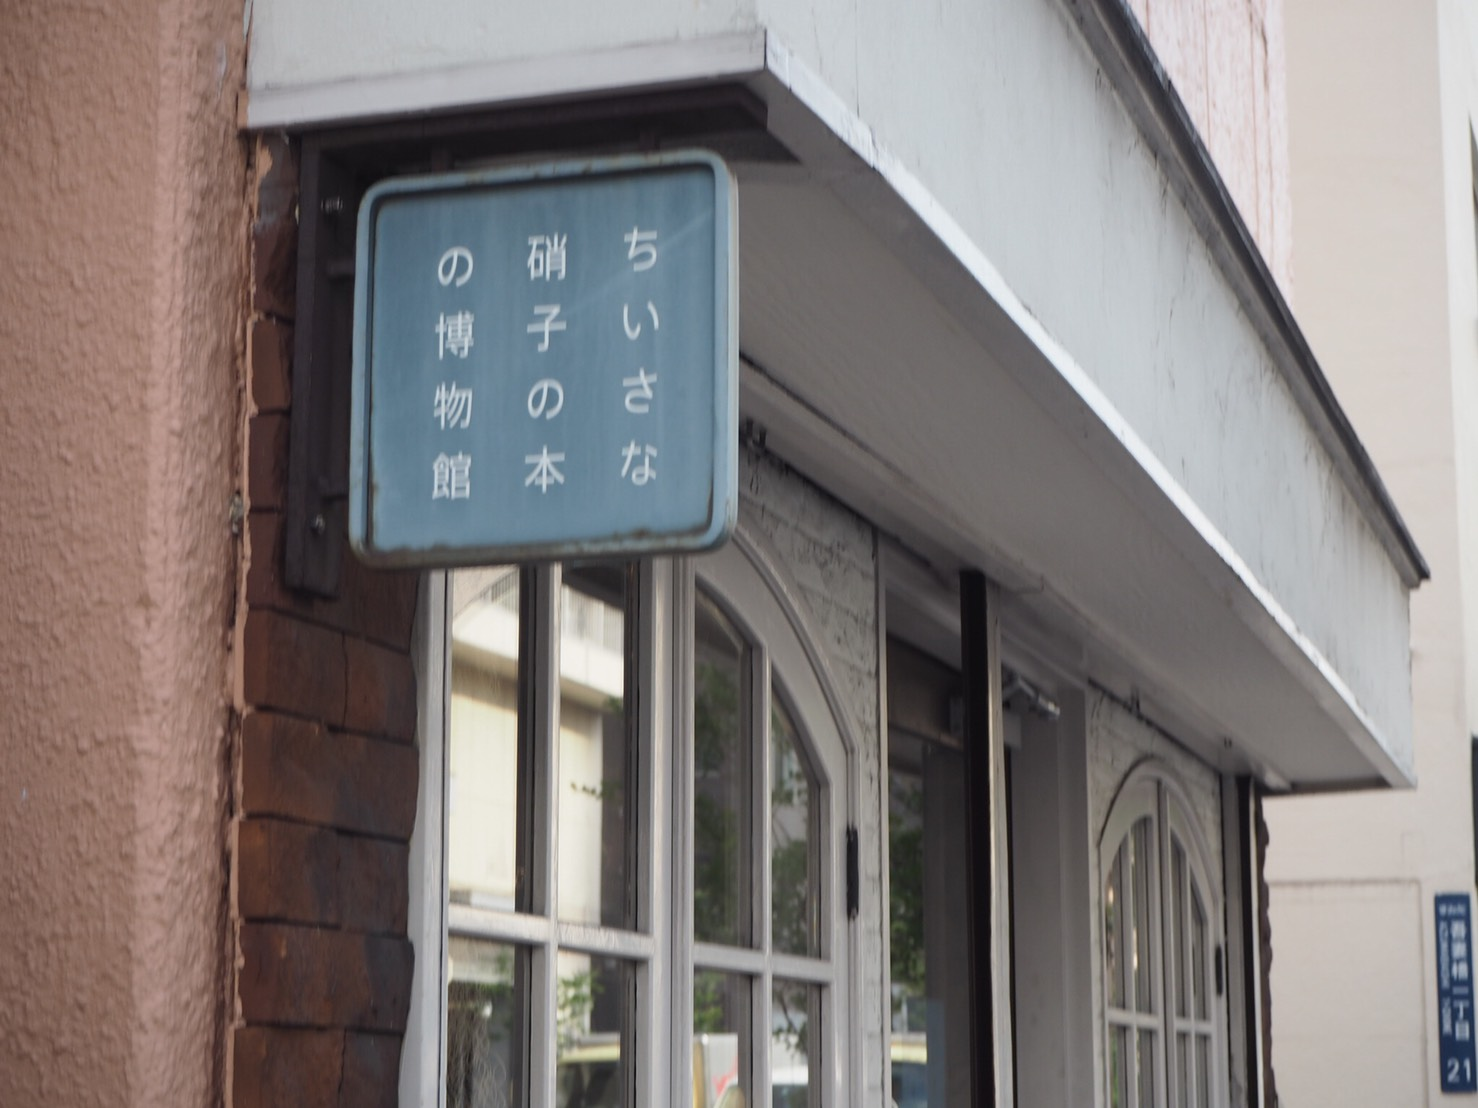 http://www.kitashitara.jp/toyone-jh/1526542192877.jpg